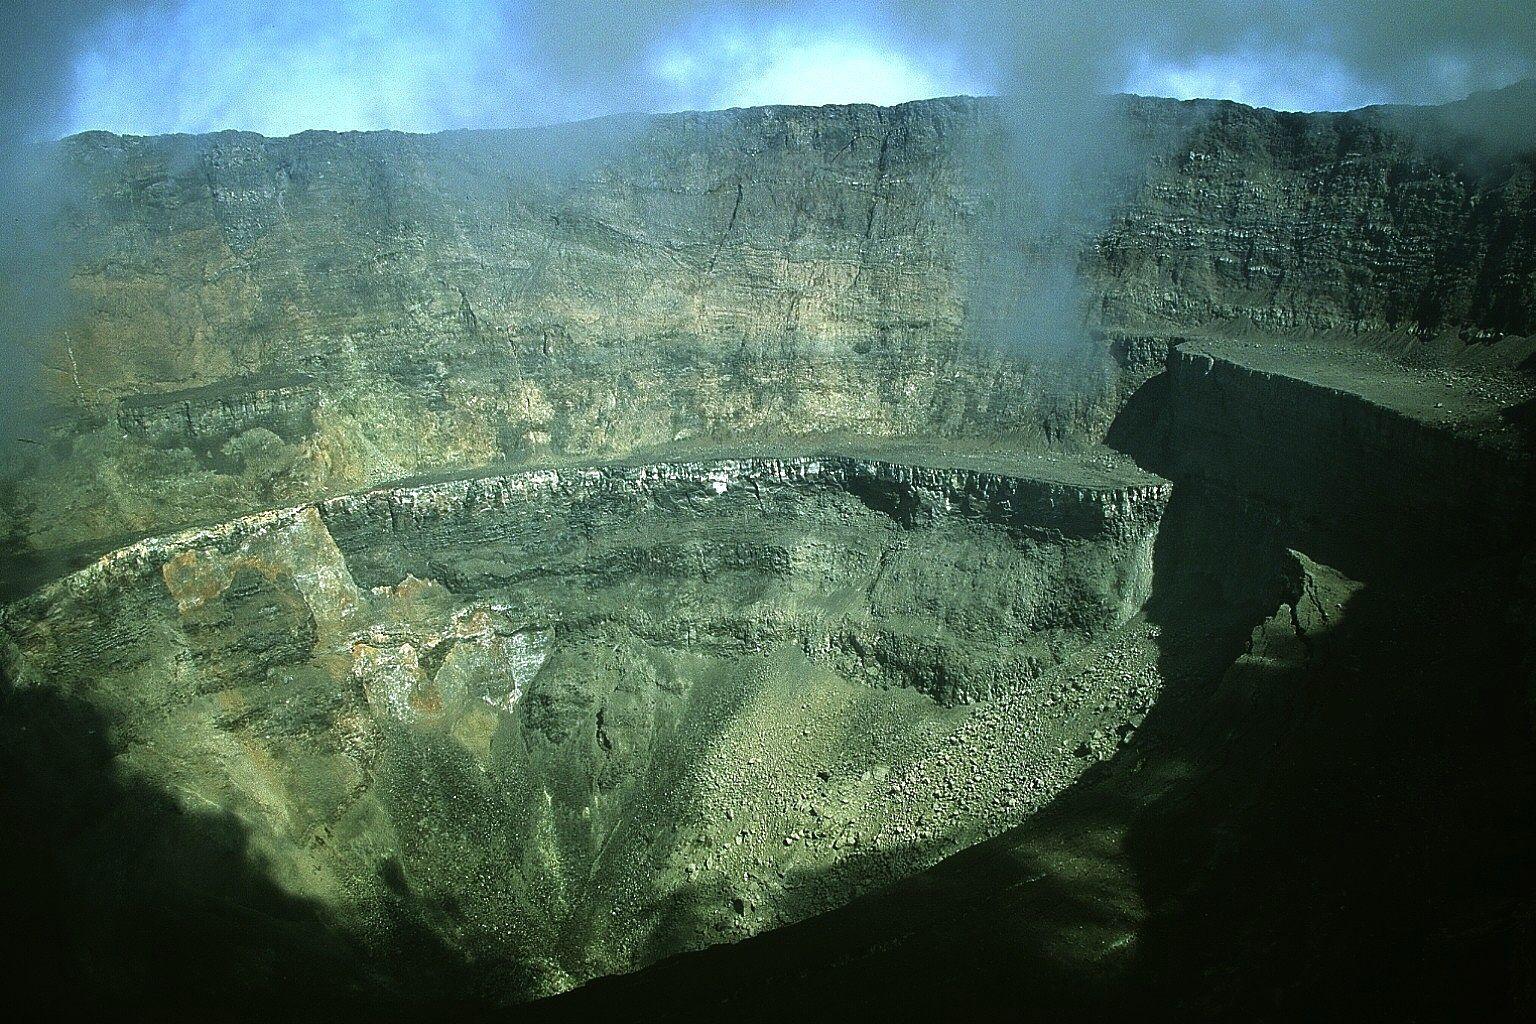 Nyiragongo - le cratère après l'éruption - photo J. Durieux mars 2002